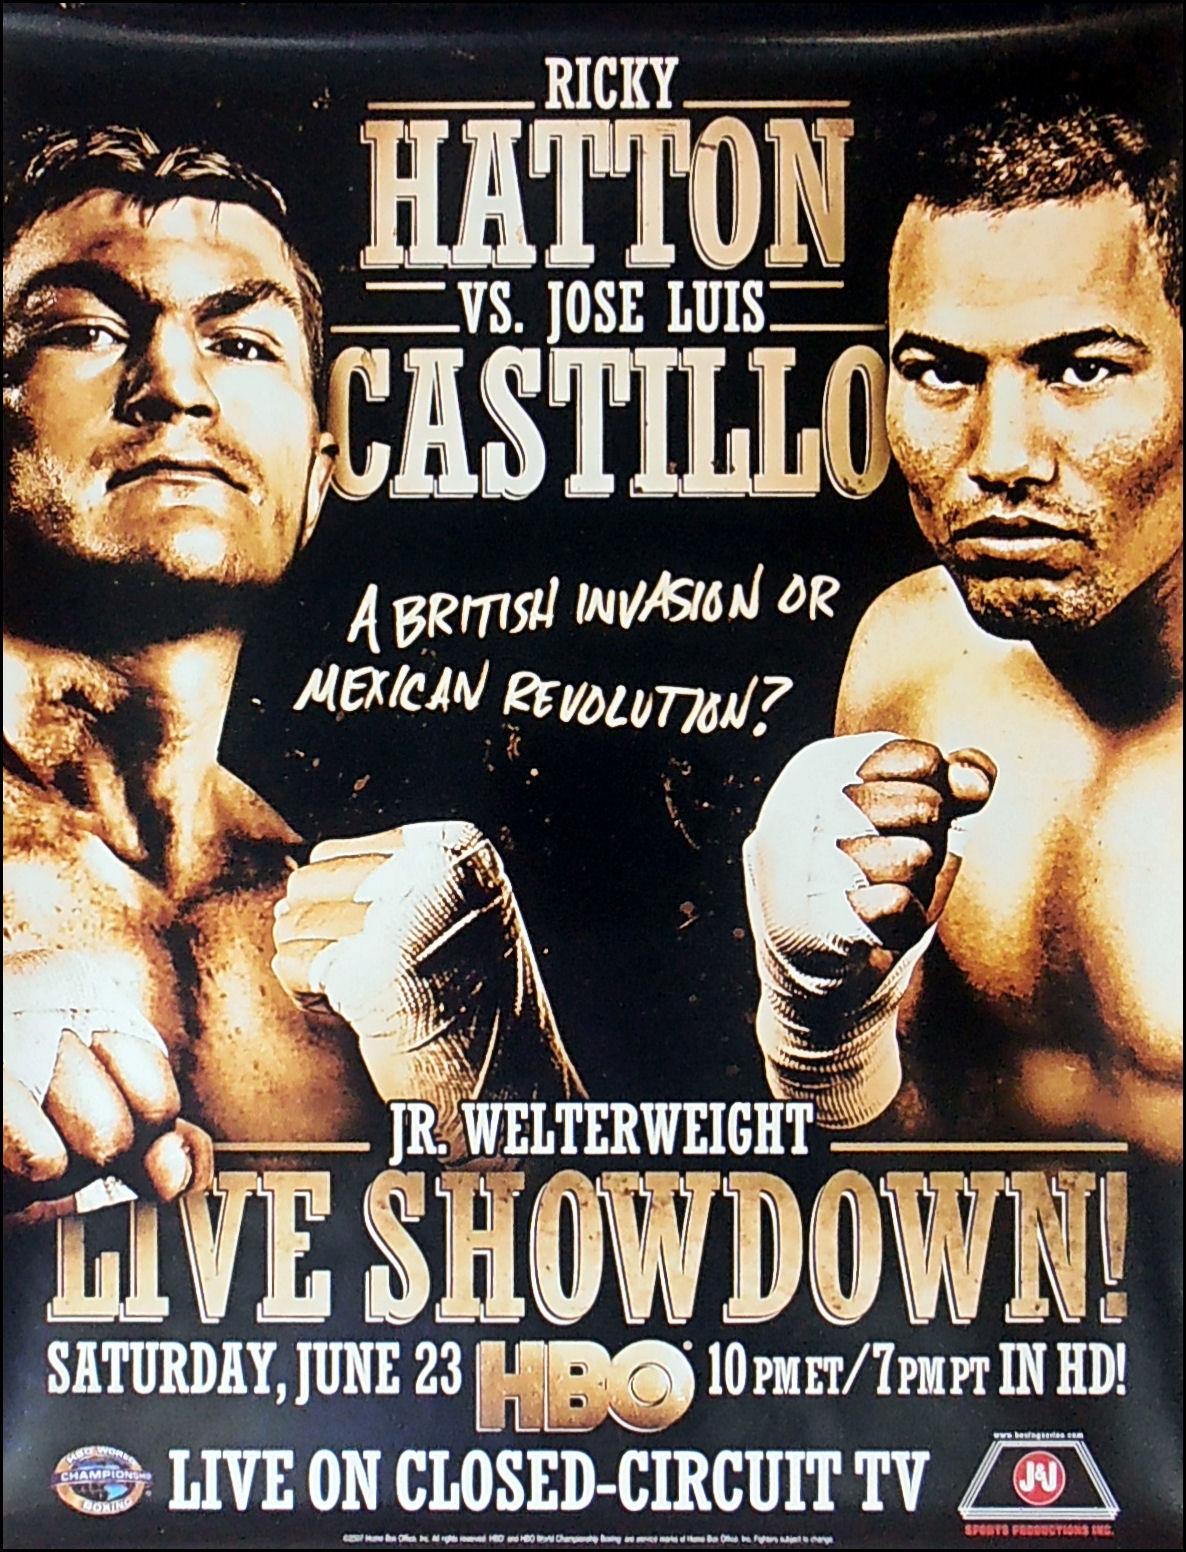 Ricky Hatton v Jose Luis Castillo 2007 Boxing Photo Memorabilia